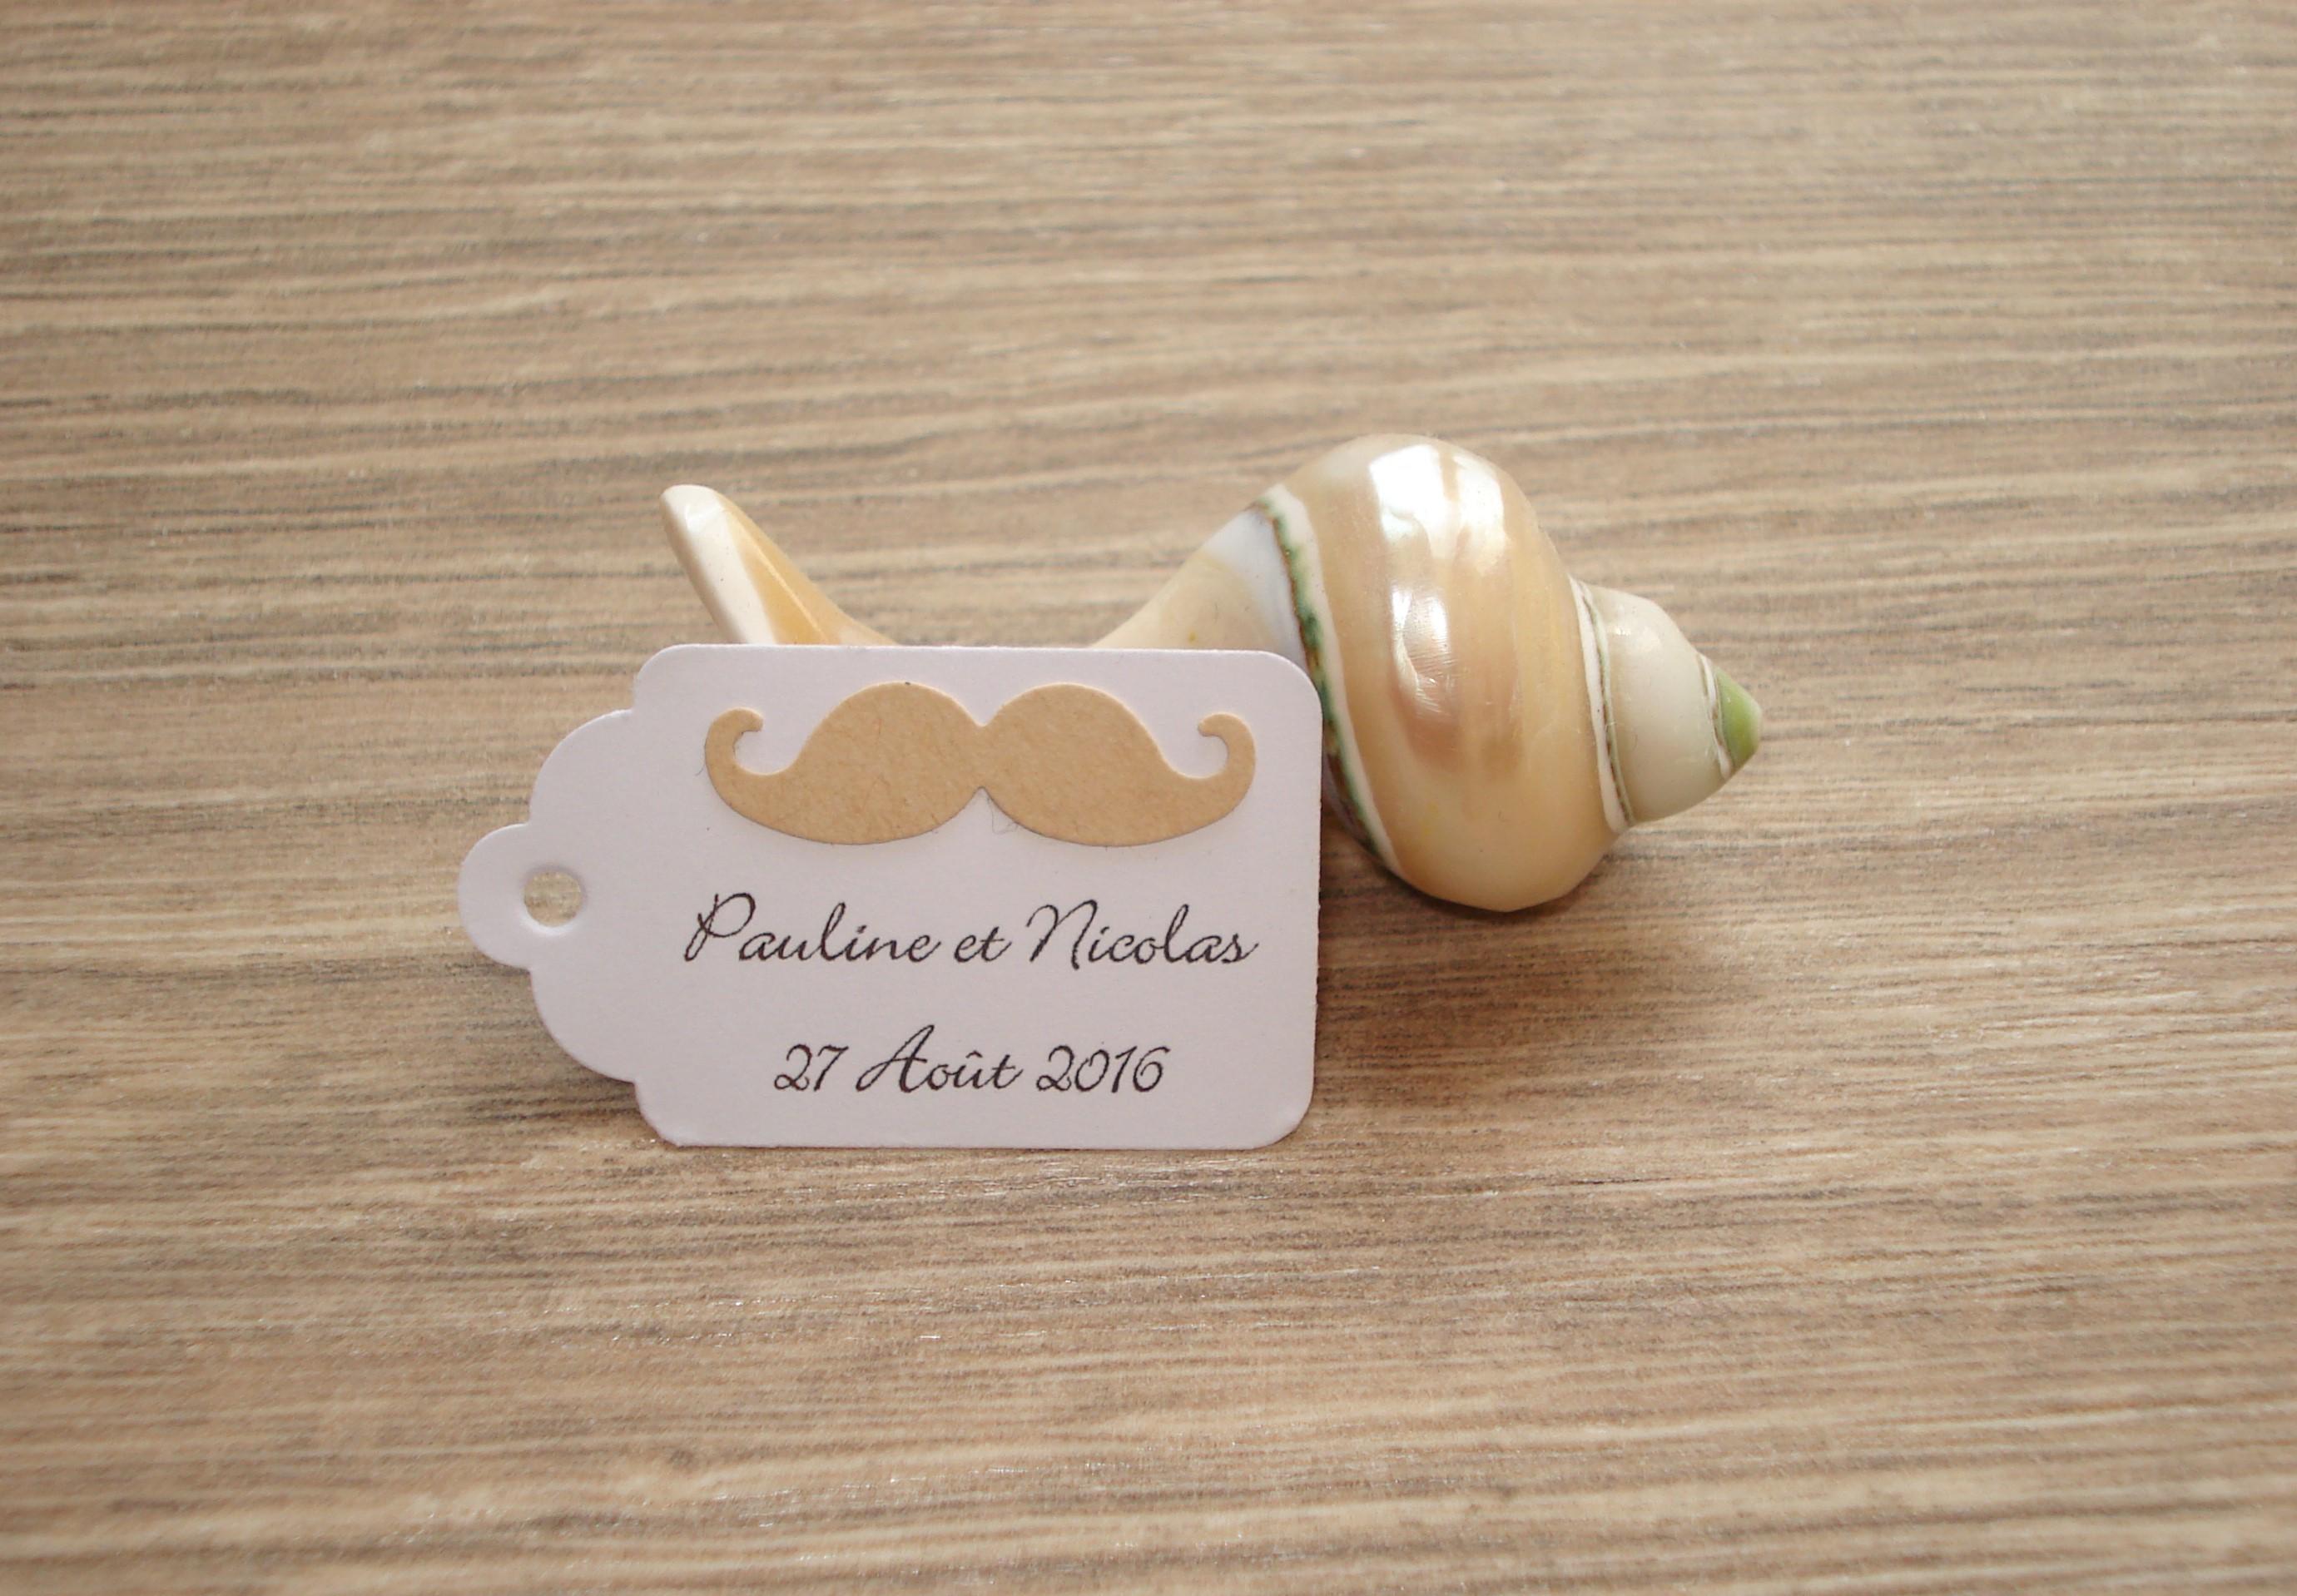 10 tiquettes moustache mariage bapt me anniversaire for Personnaliser ma propre maison